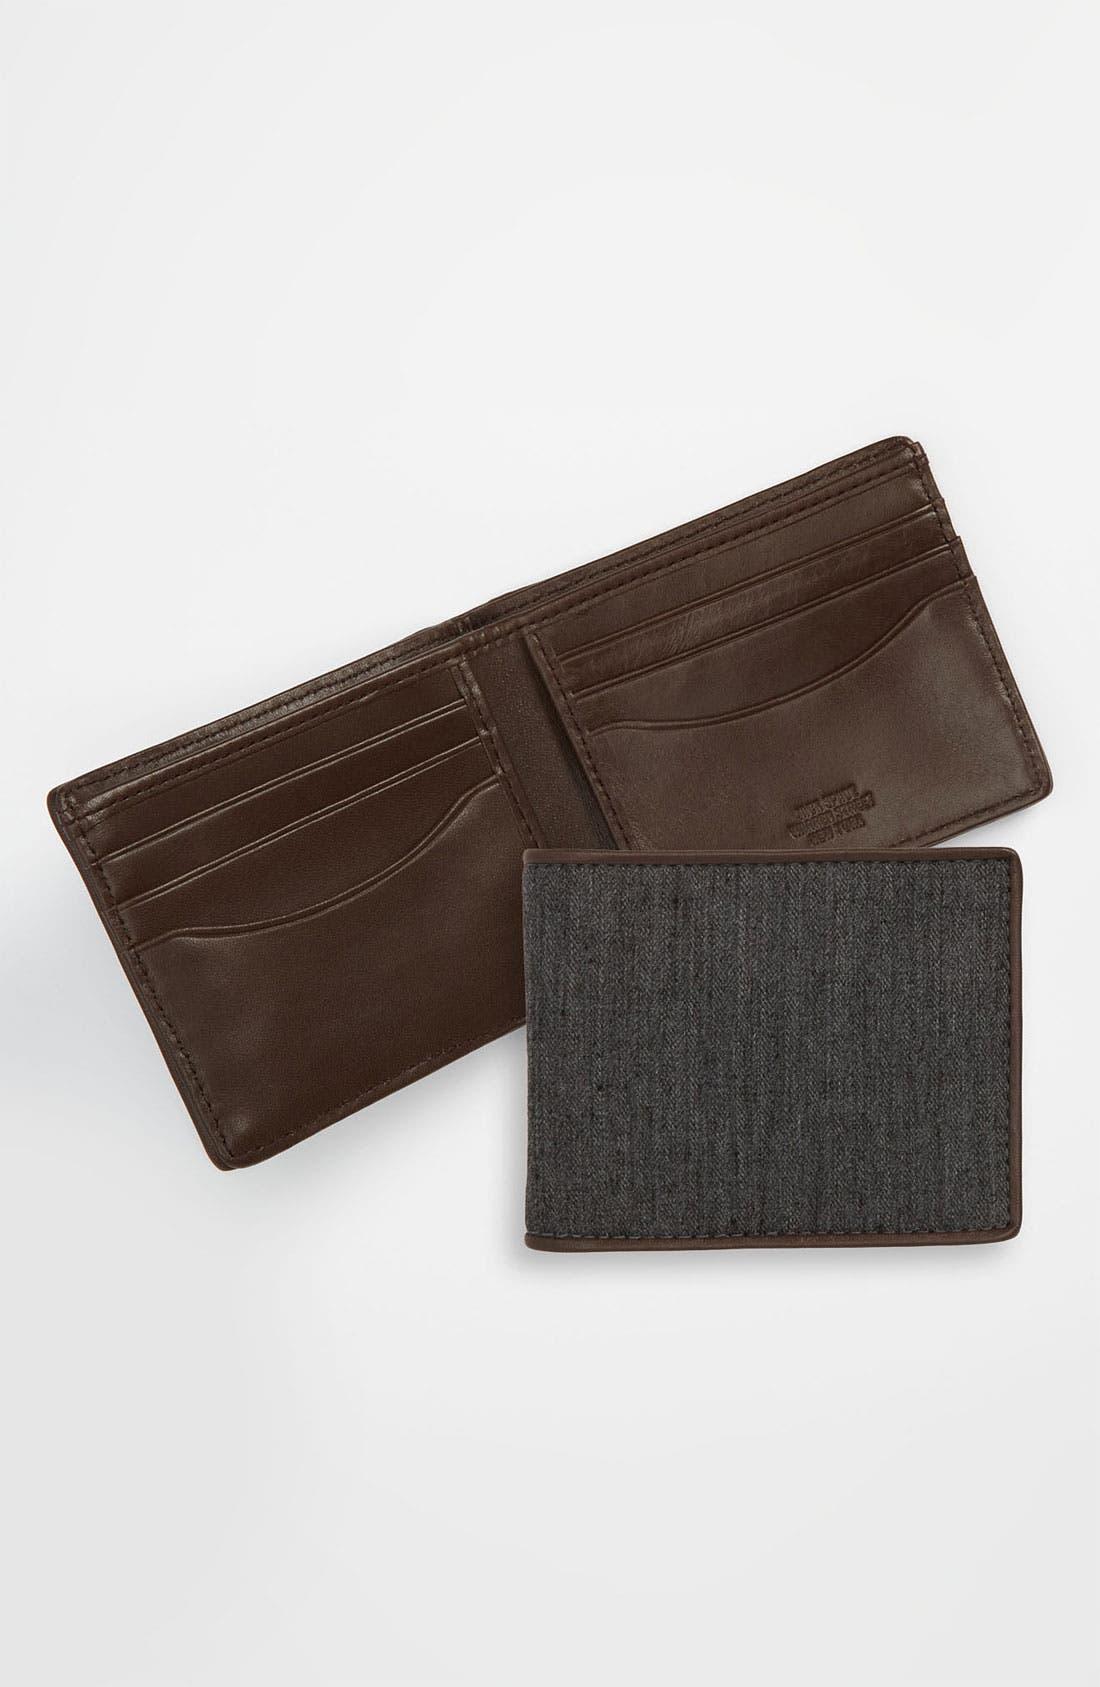 Alternate Image 1 Selected - Jack Spade Herringbone Wallet